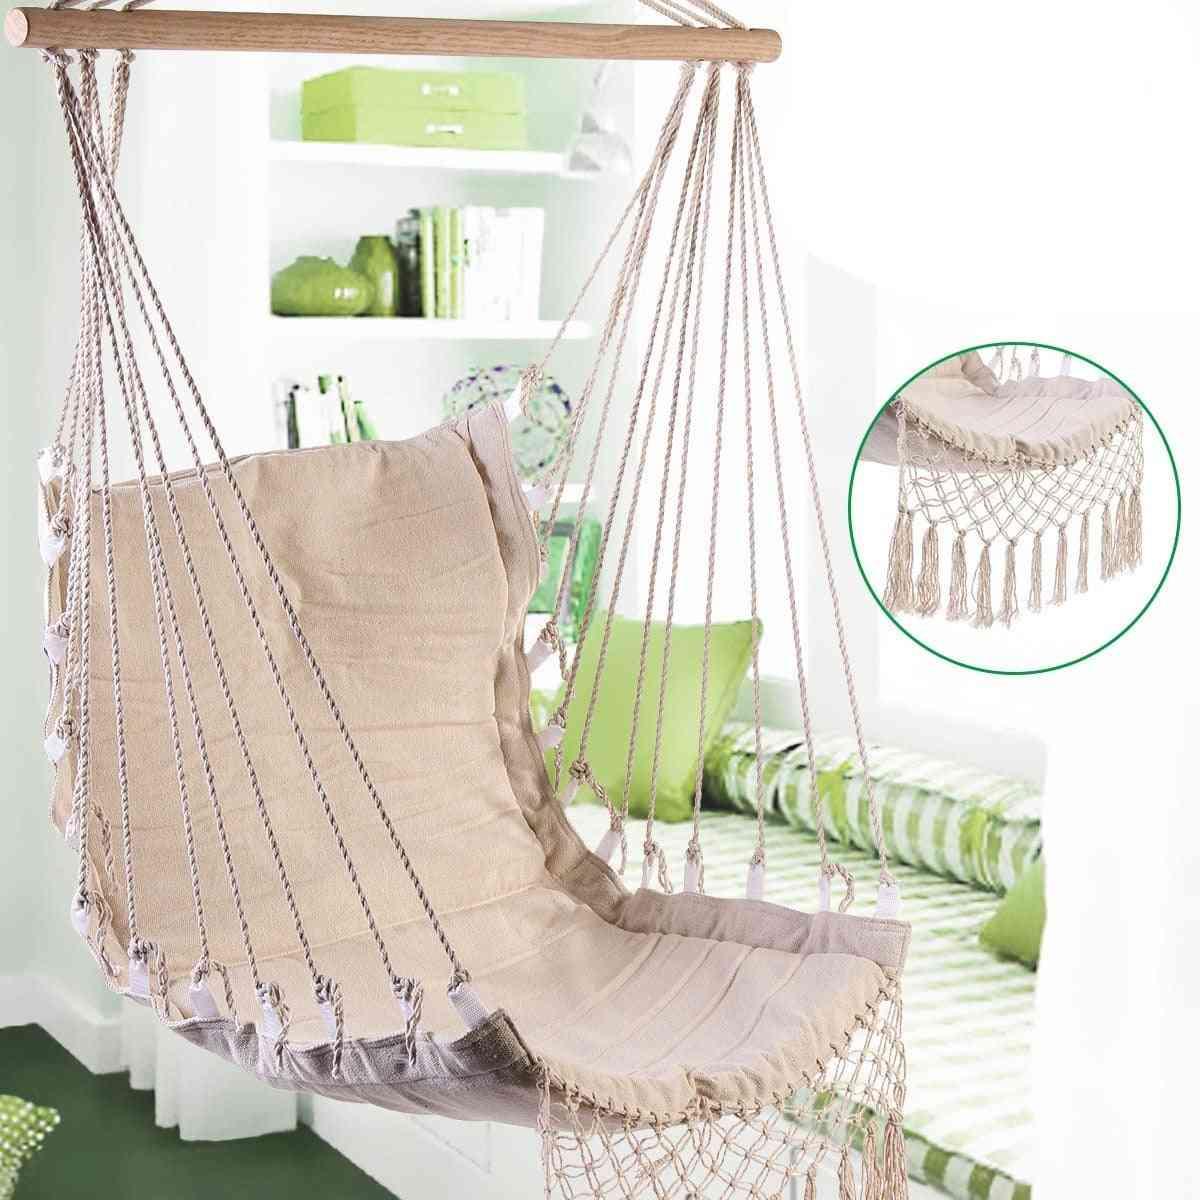 Nordic Style- Deluxe Hanging, Swinging Single Chair For Outdoor/indoor Garden Hammock